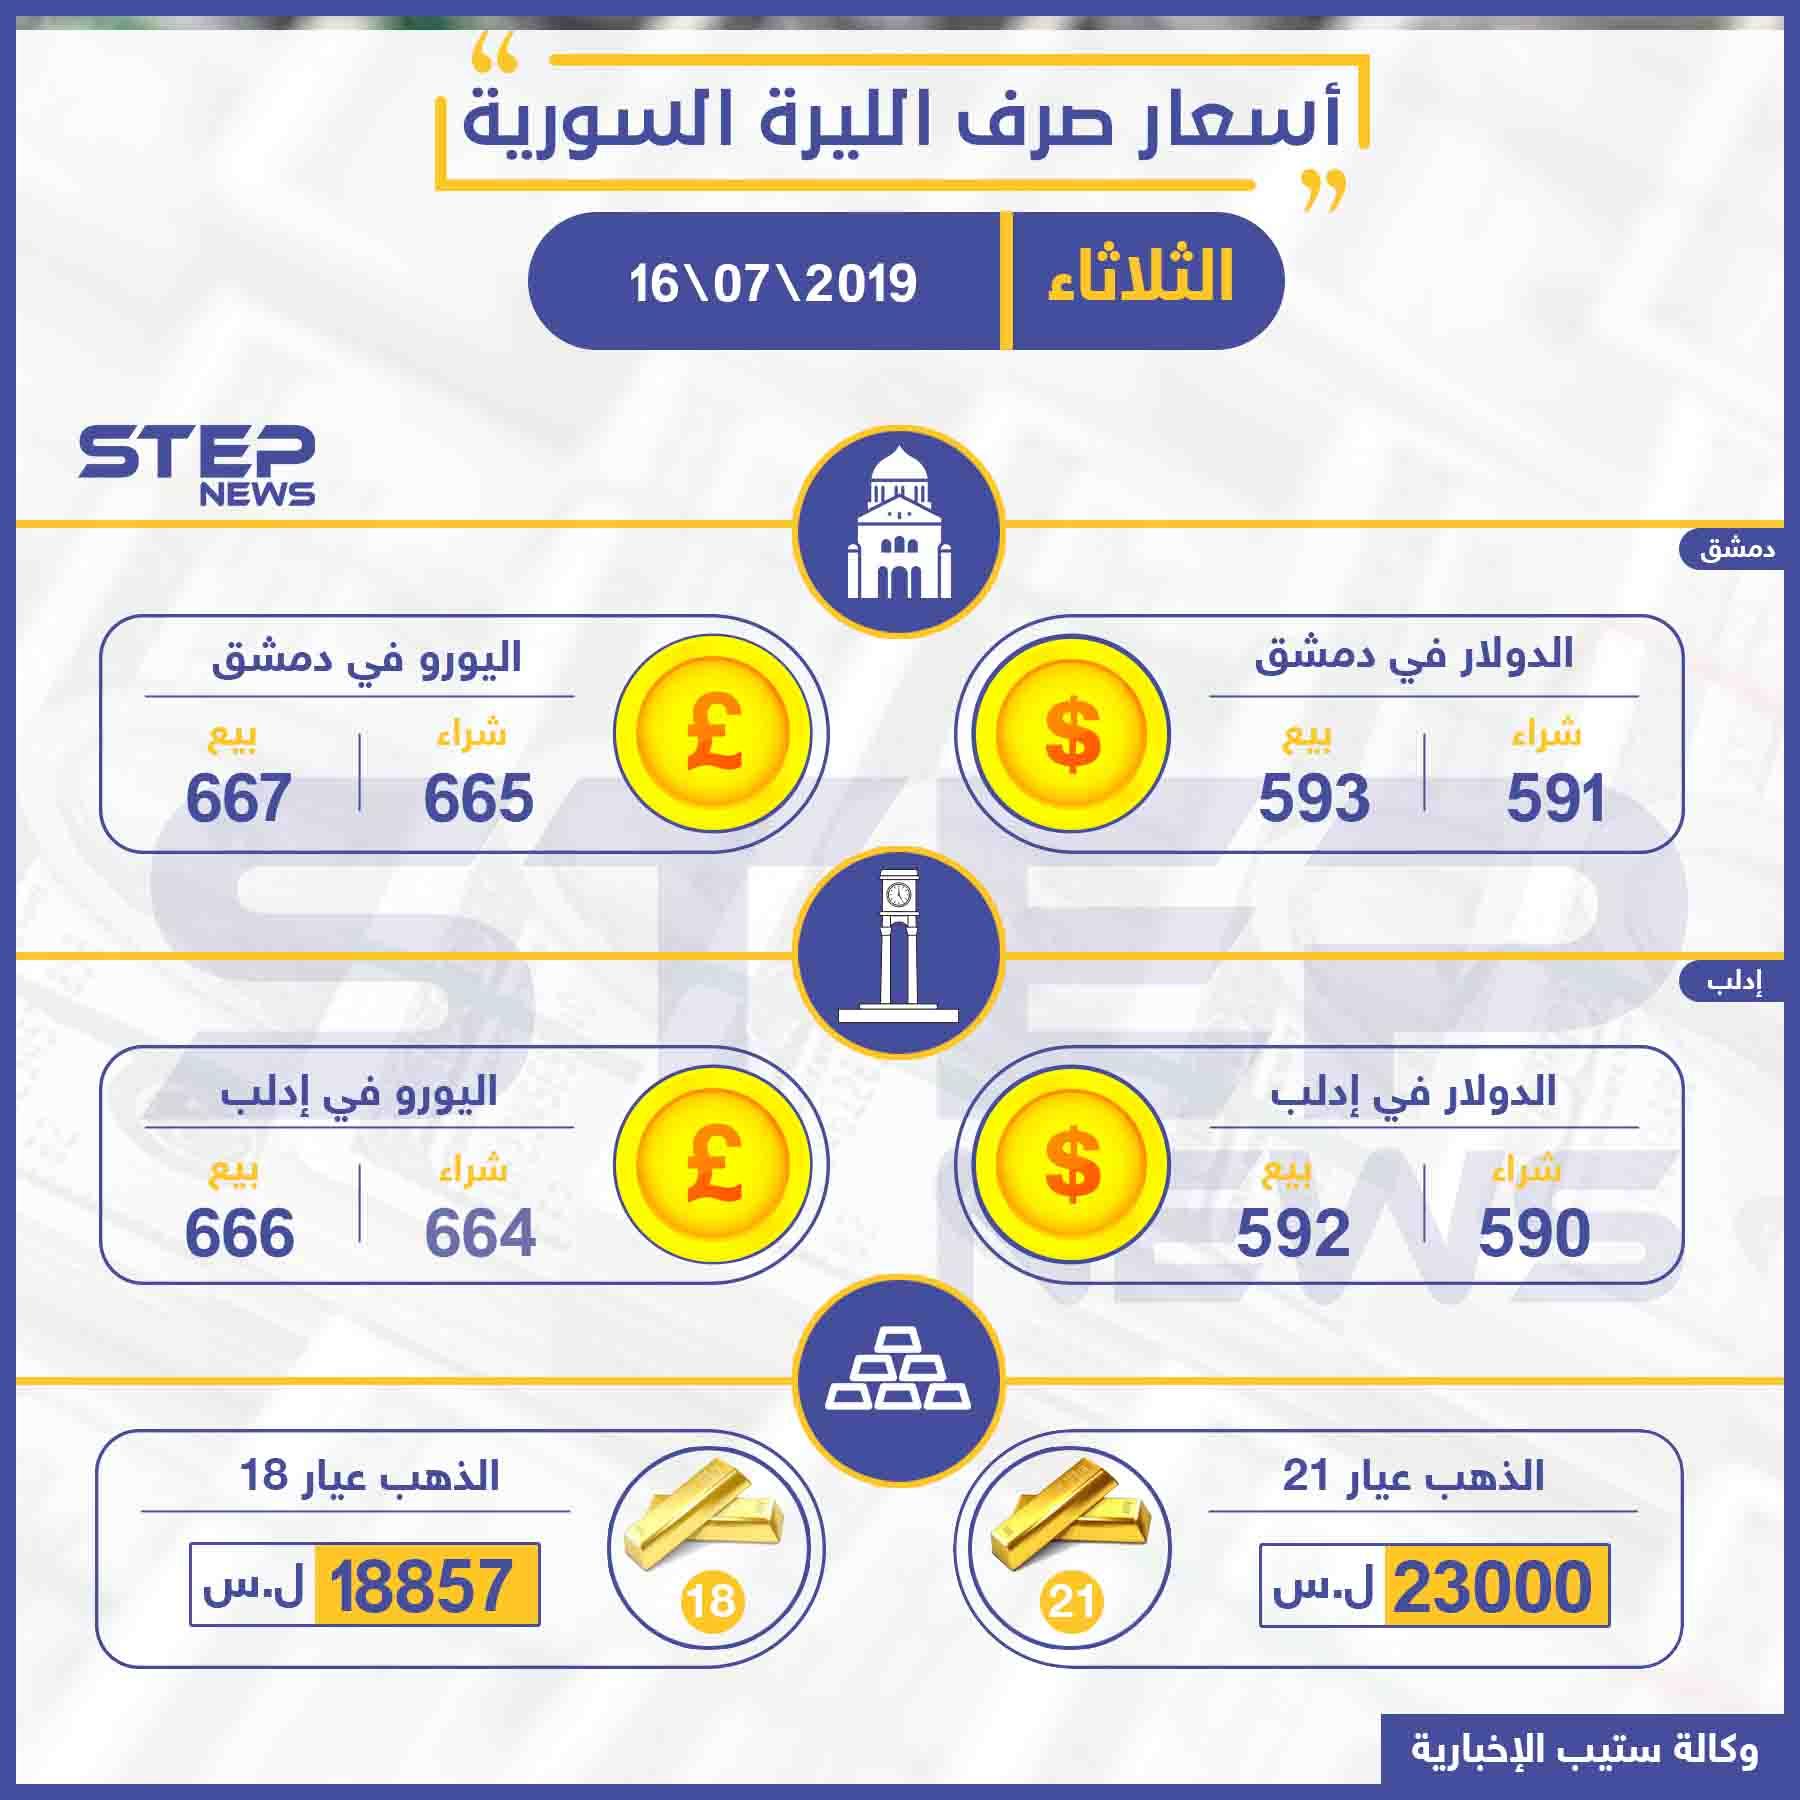 أسعار الذهب والعملات في سوريا اليوم 16-07-2019